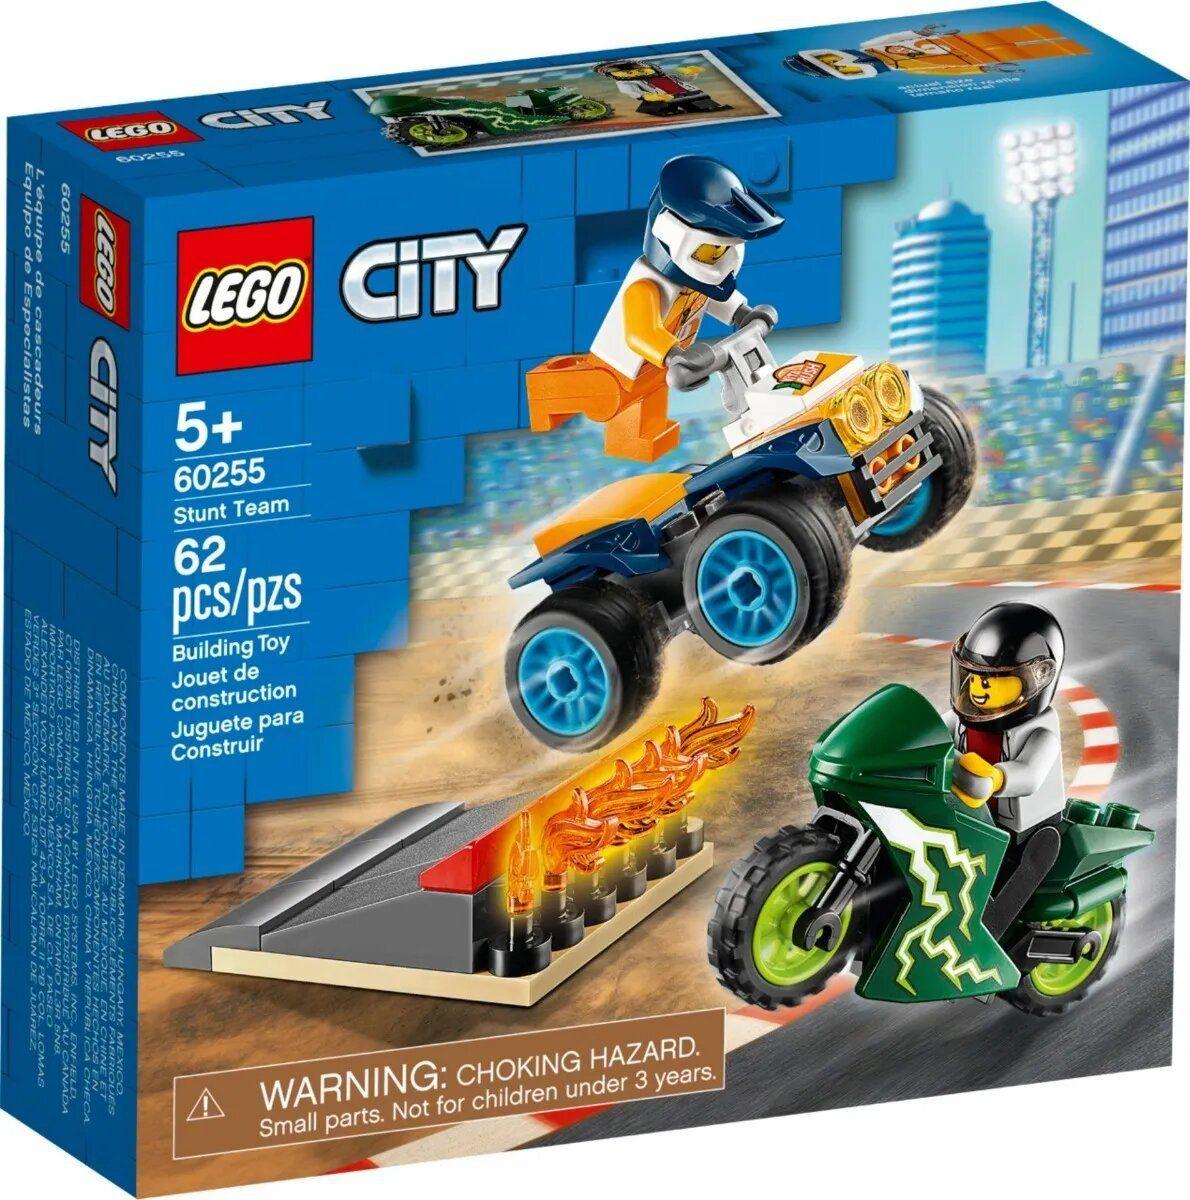 Lego City Equipe De Acrobacias 62 Peças - Original